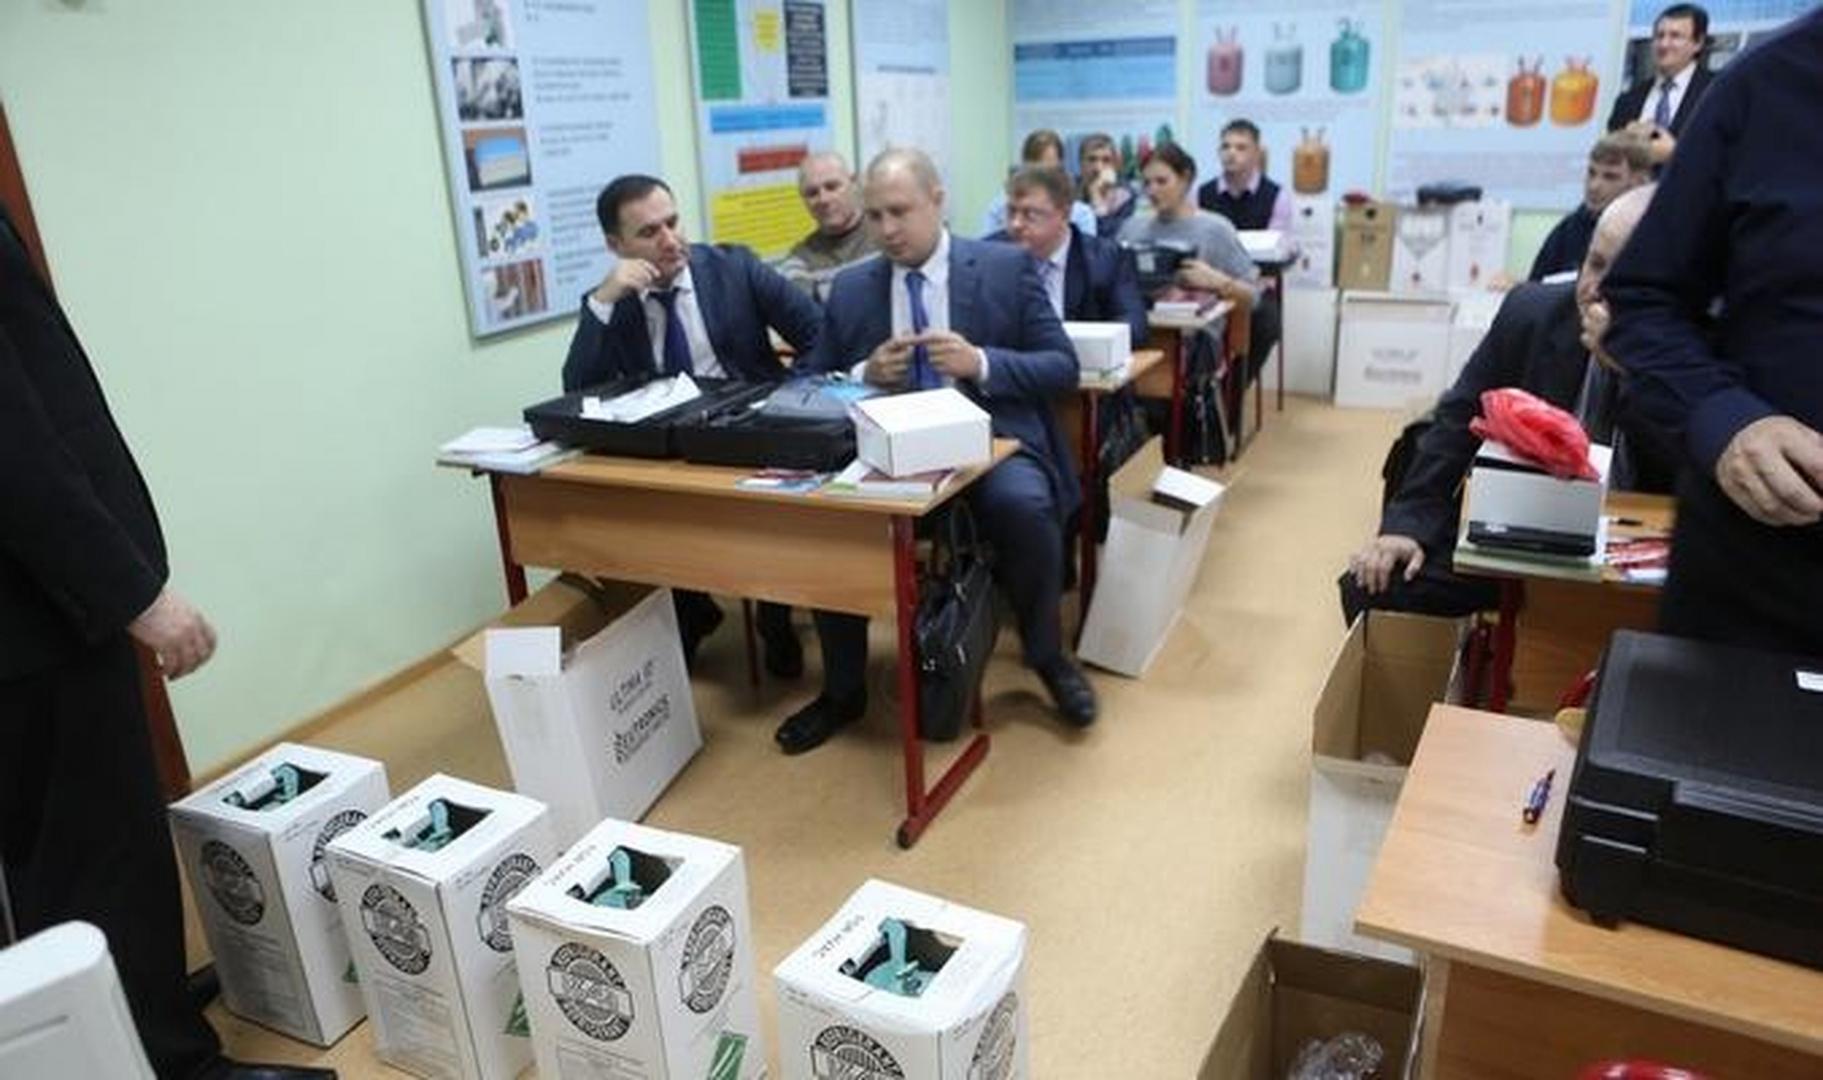 Тренинг UNIDO и GEF-MNRE по предотвращению нелегального импорта «озоноразрушающих» соединений, ноябрь 2013 года